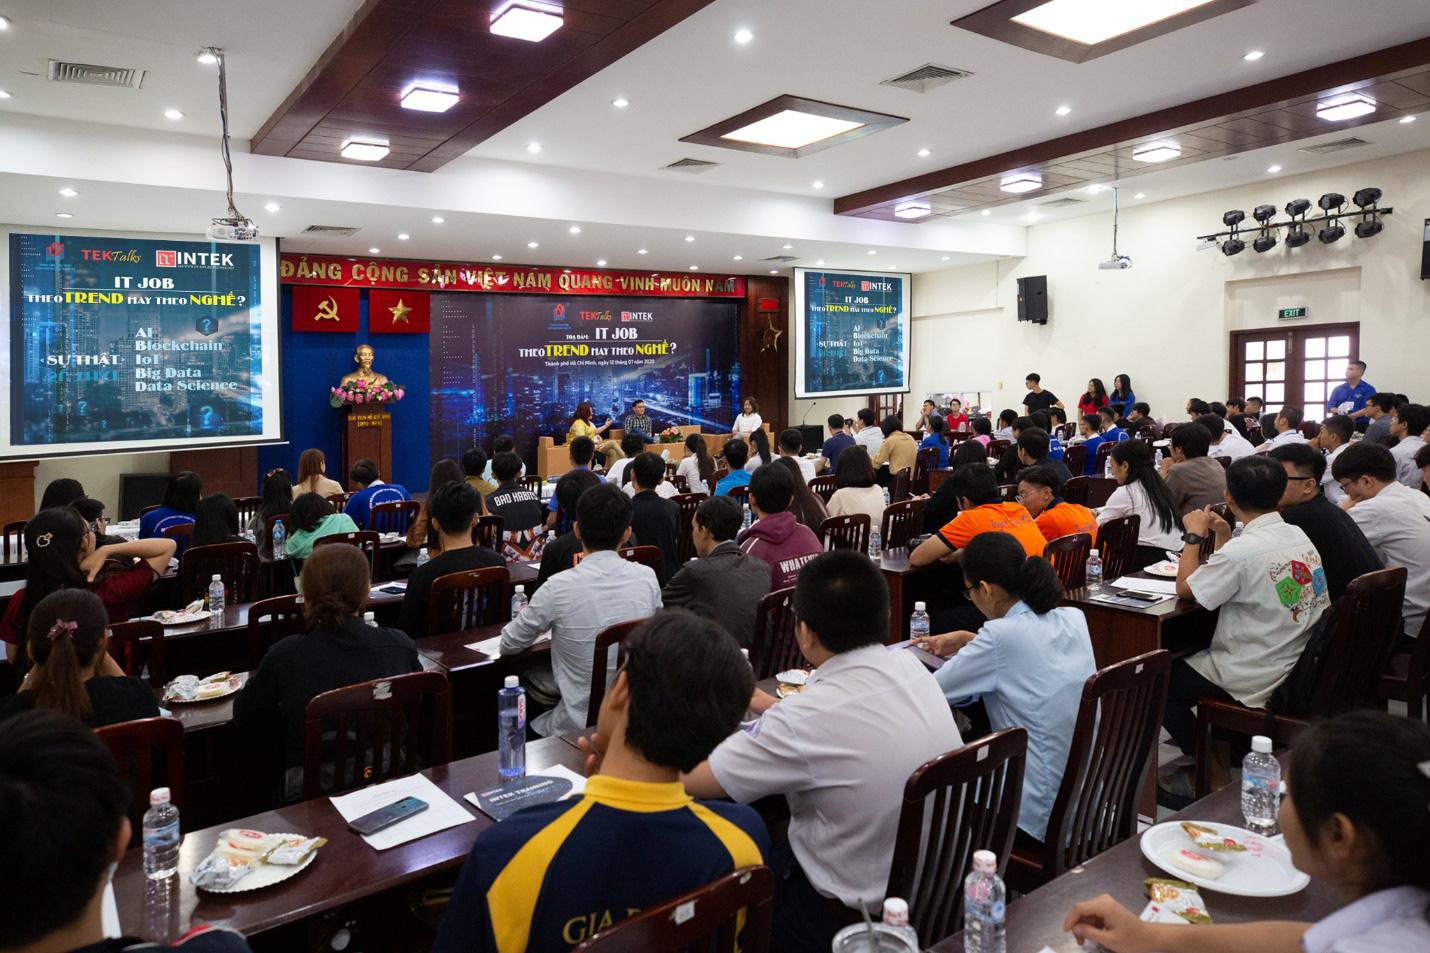 Sự kiện do Trung tâm Phát triển Khoa học và Công nghệ Trẻ (TST) (trực thuộc Thành Đoàn Thành phố Hồ Chí Minh) kết hợp với Công ty Cổ phần Đào tạo INTEK tổ chức